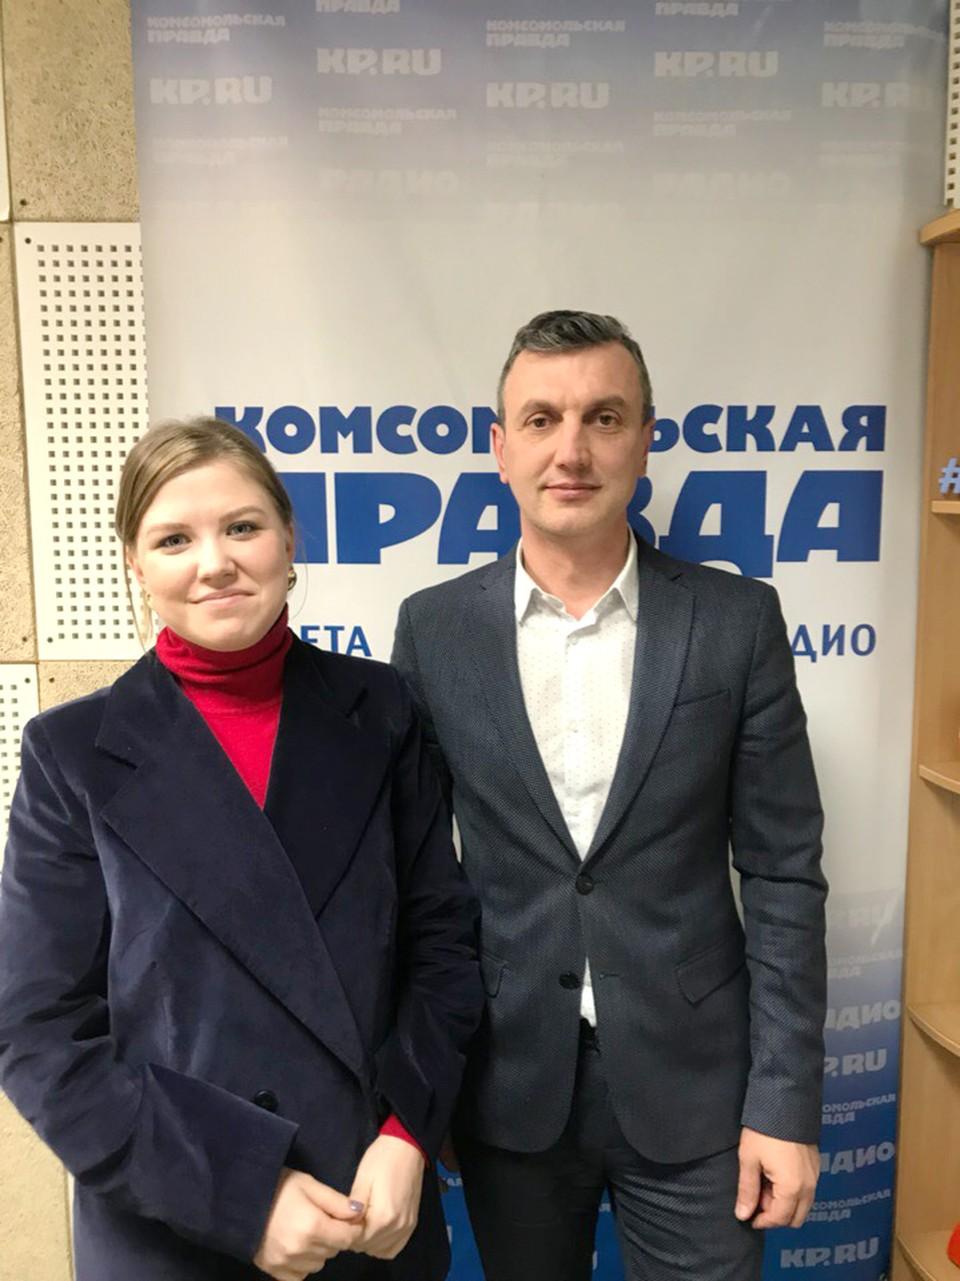 Бебнева Наталия Андреевна и Слизько Александр Николаевич